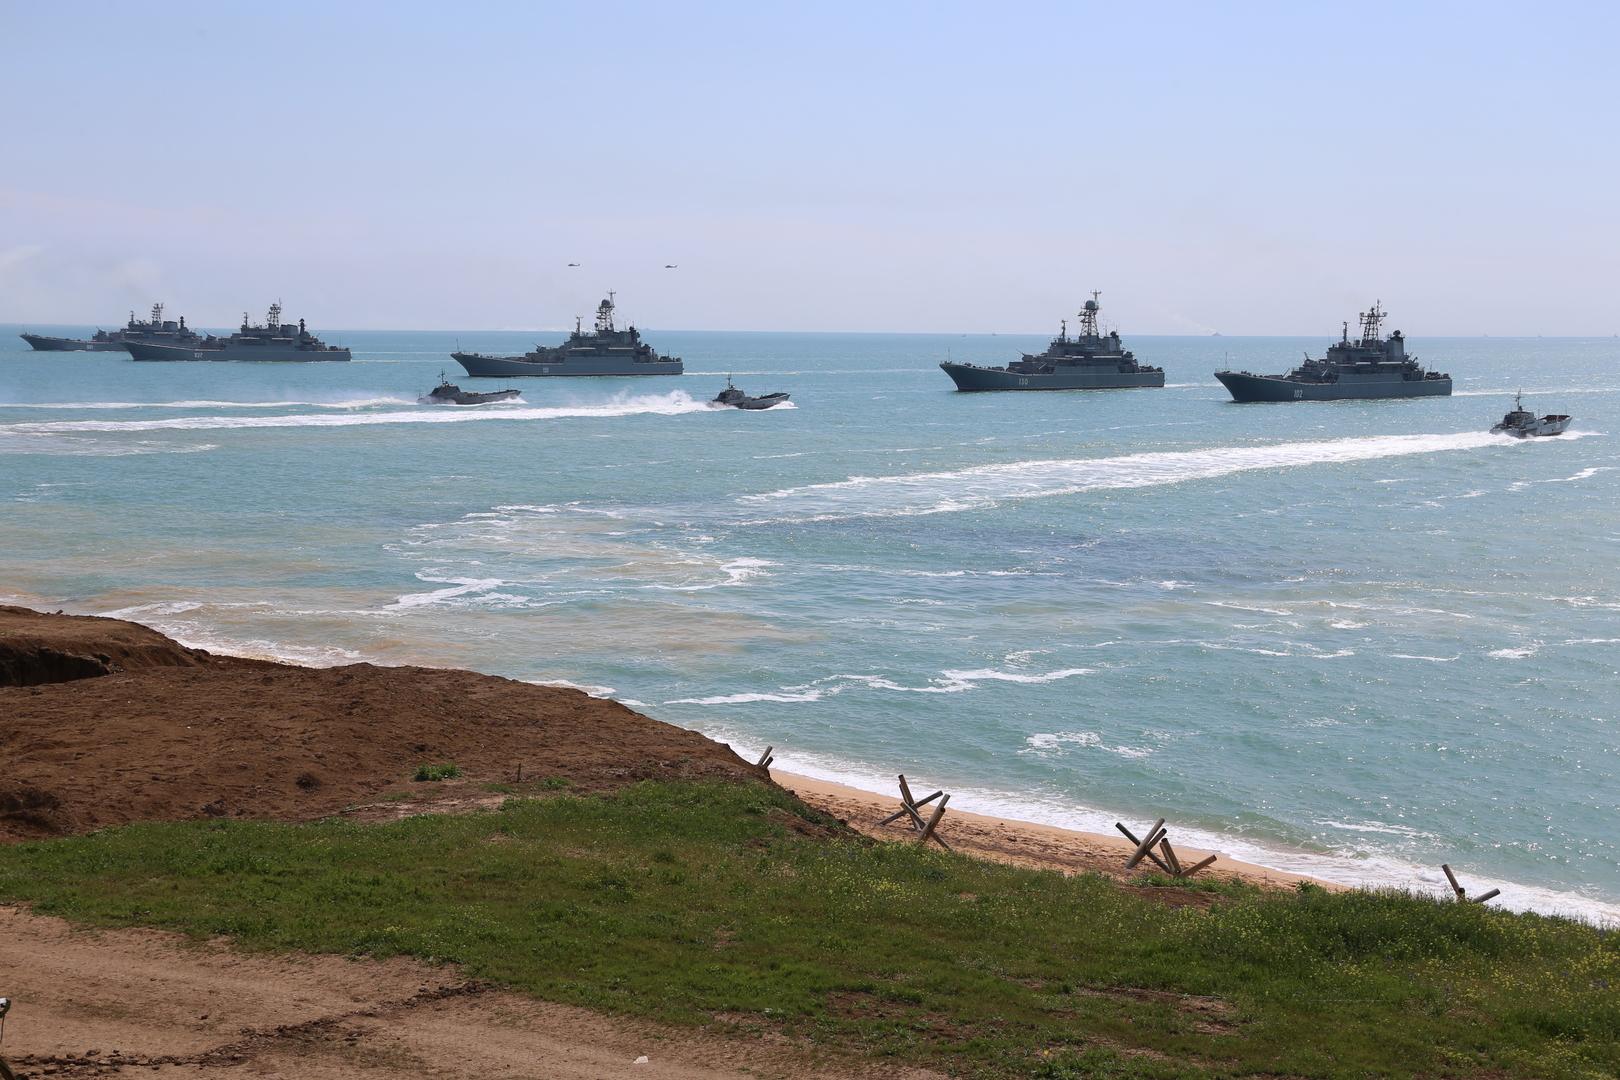 الدفاع الروسية: نراقب تحركات المدمرة الأمريكية التي دخلت البحر الأسود